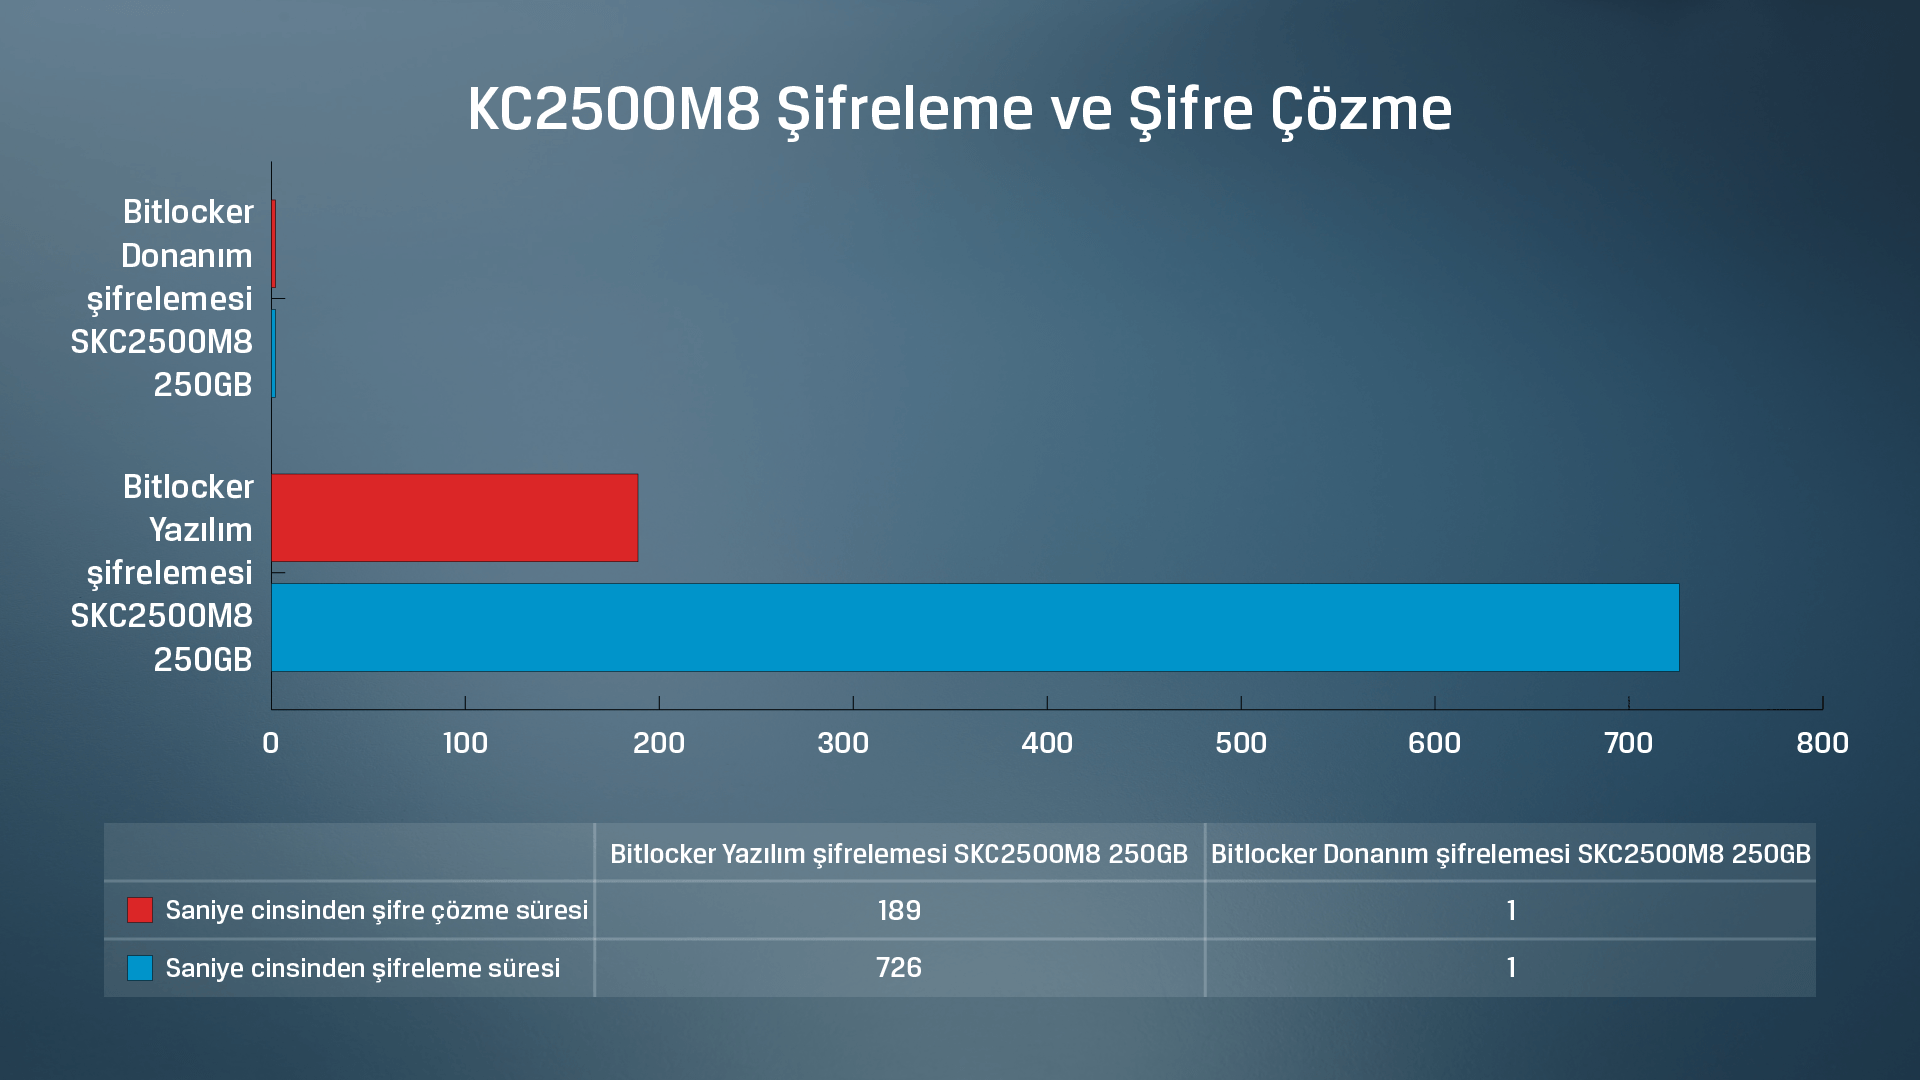 Kingston KC2500 SSD yazılım ve donanım tabanlı veri şifreleme ve şifre çözme test sonuçları